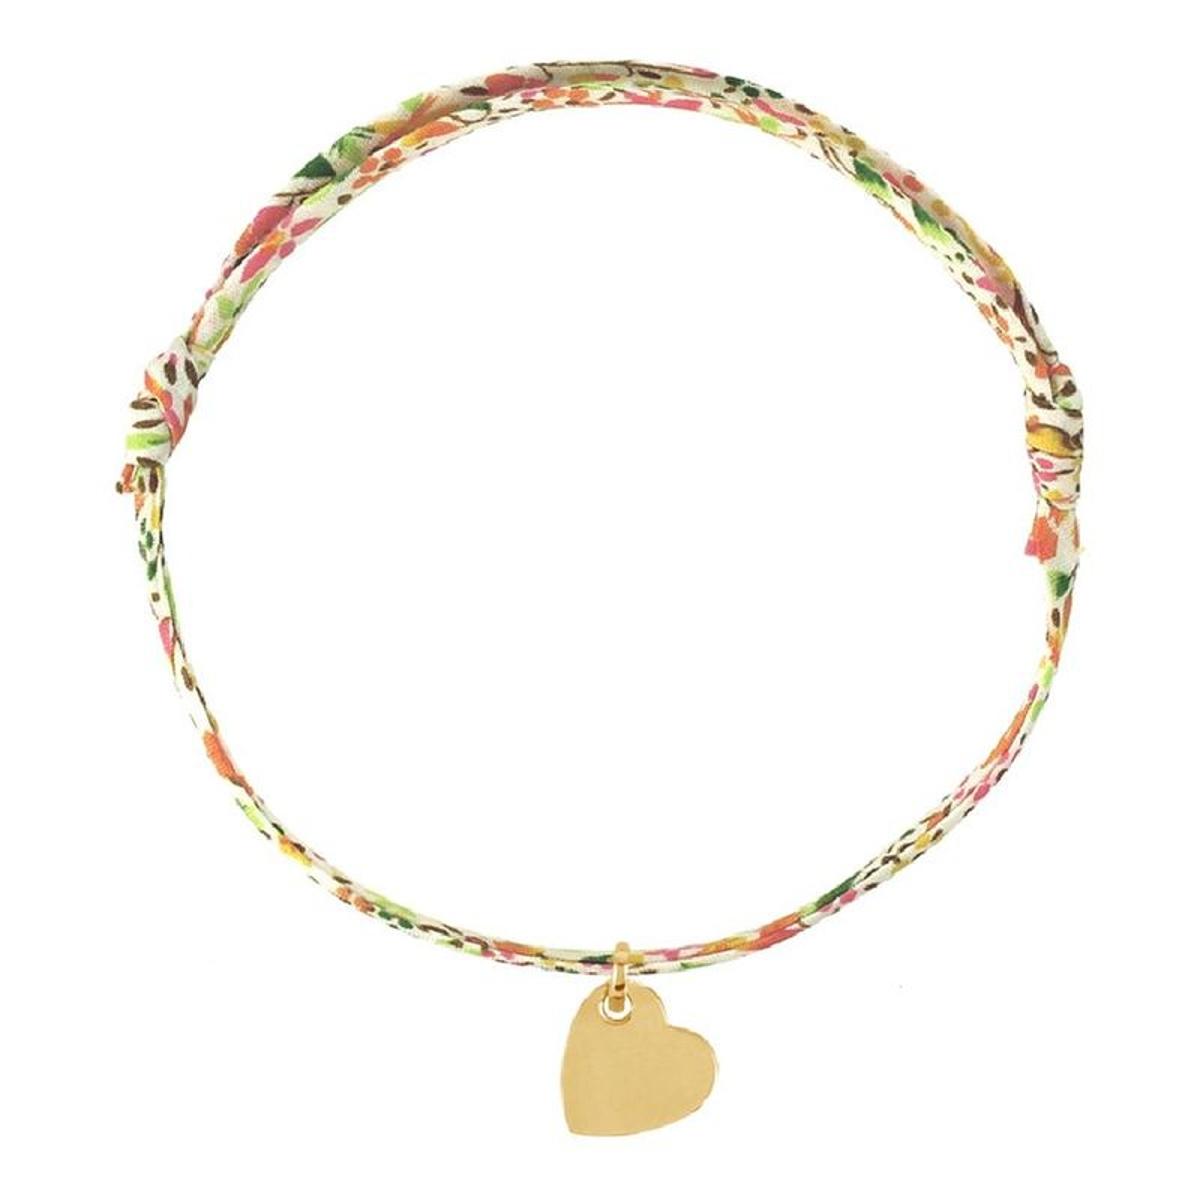 Bracelet Cordon Fleurs Liberty Imprimé Rose Vert Bleu Longueur réglable Coeur Penché Plaqué Or